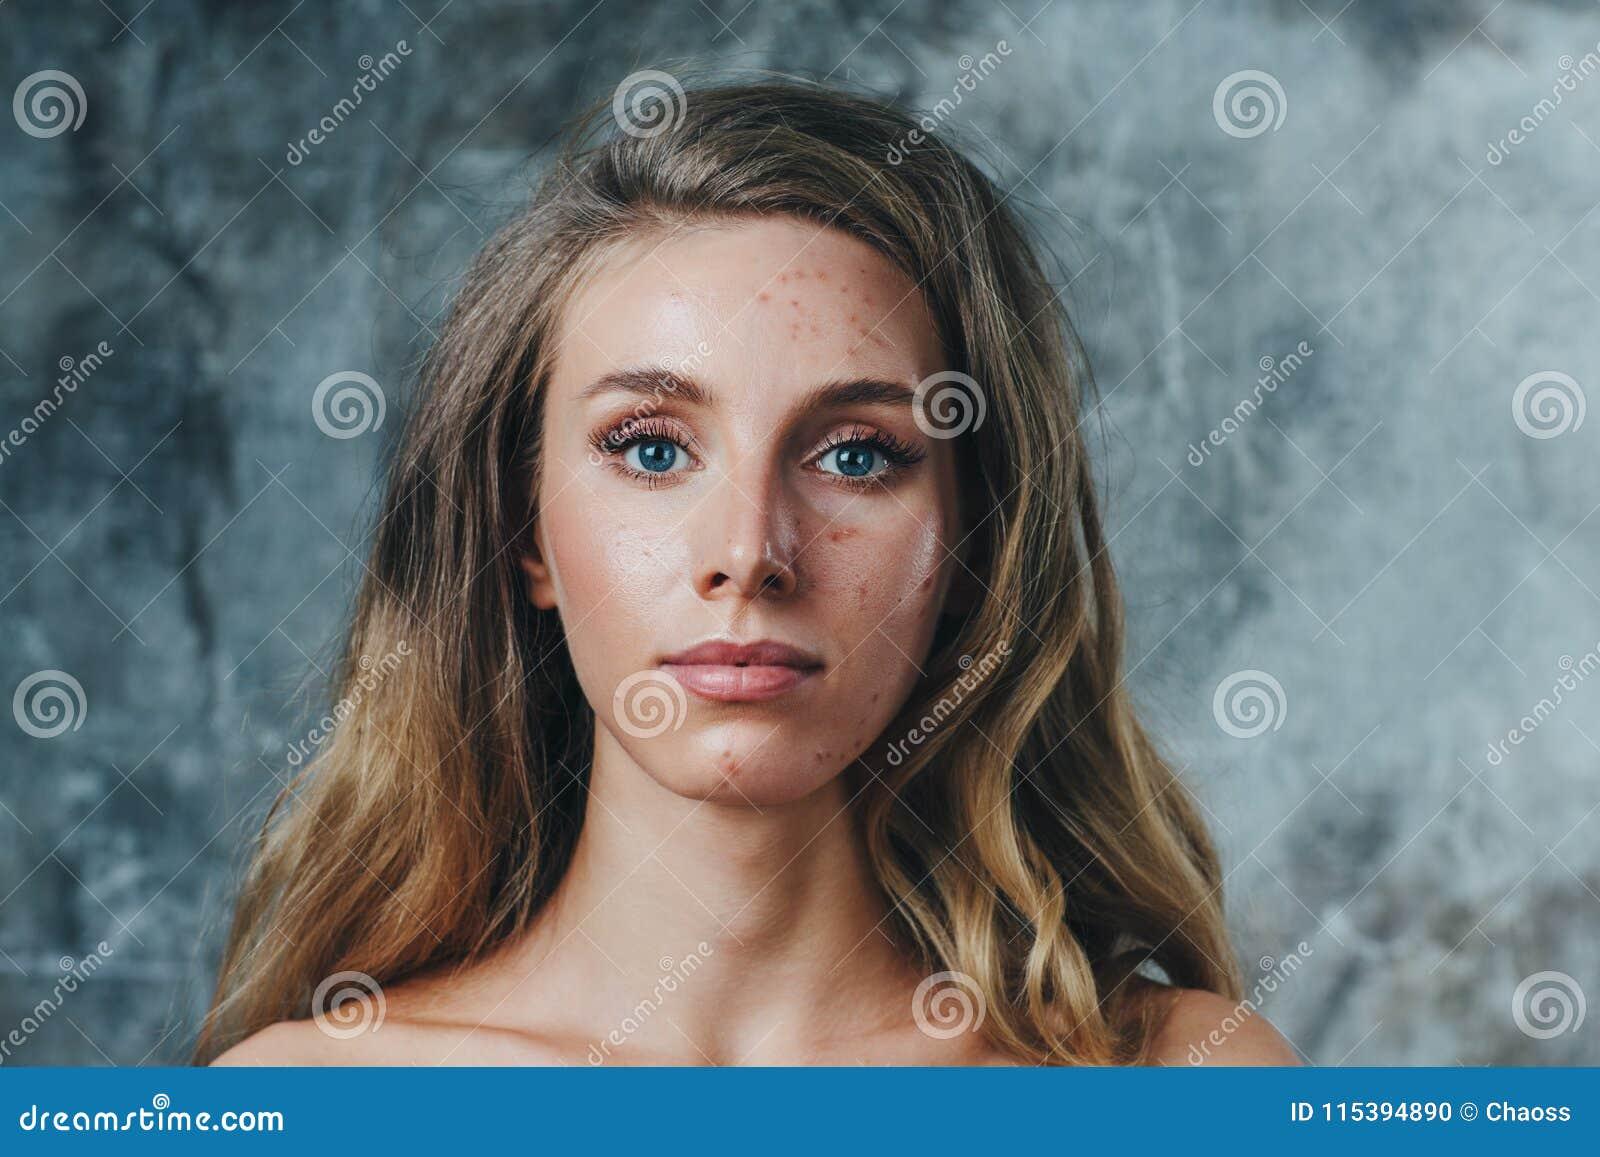 Alergia y acné en cara